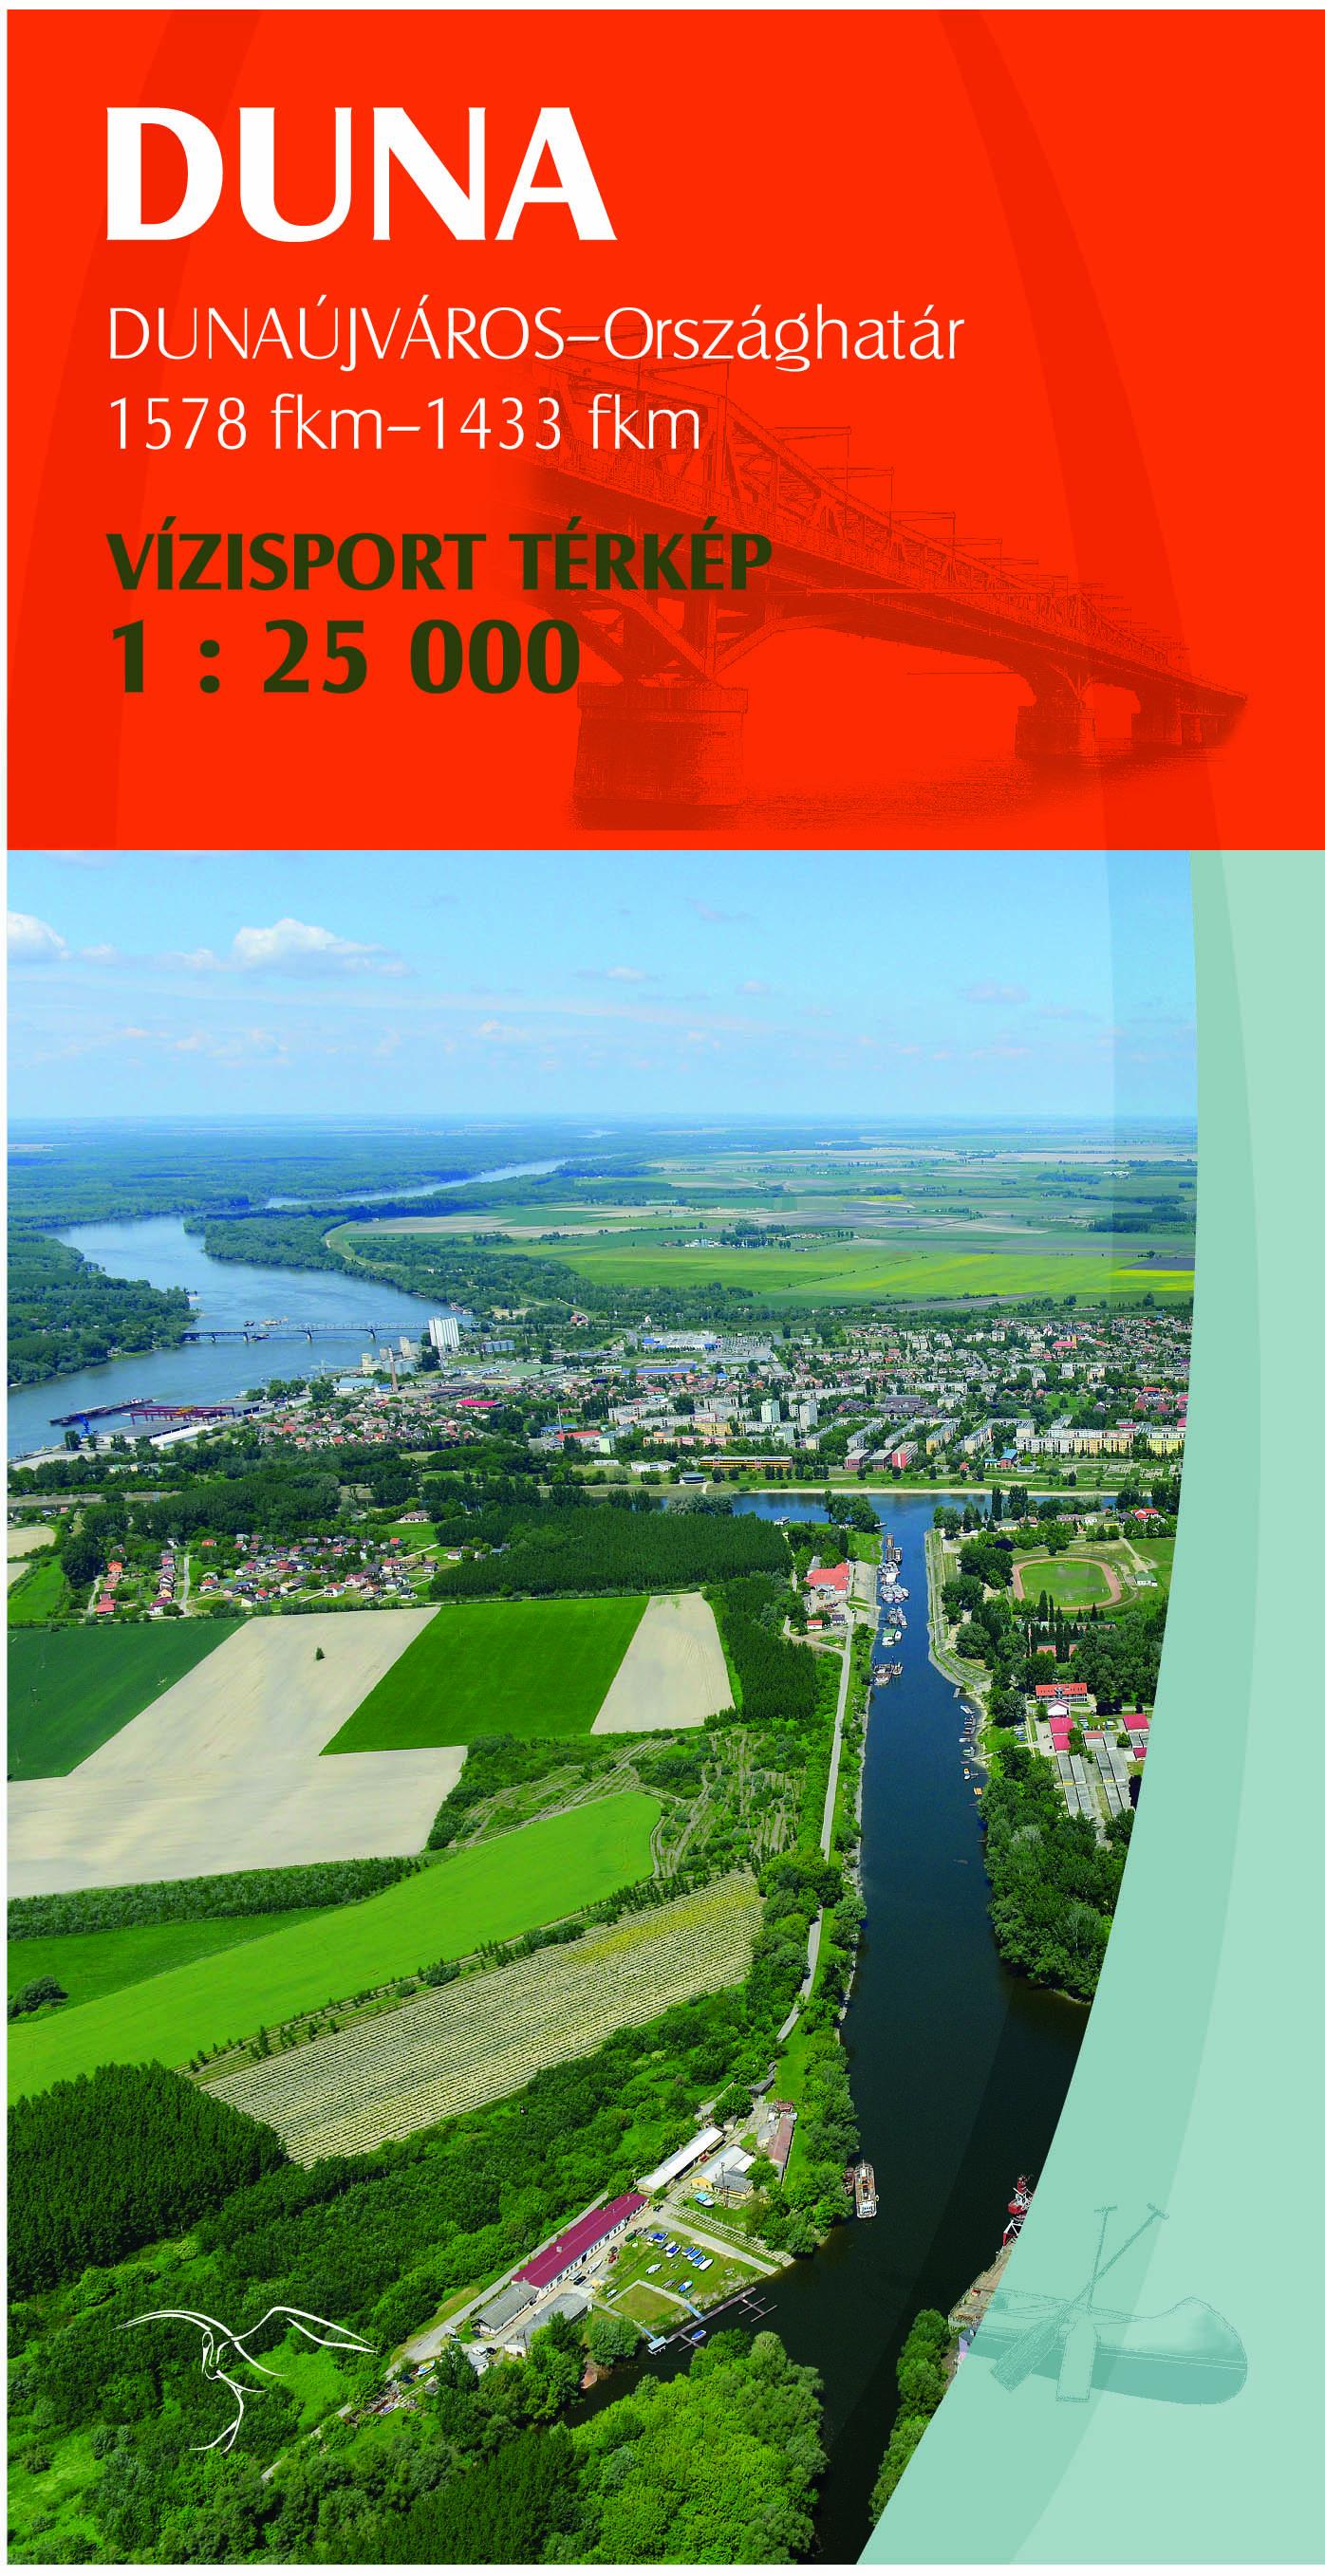 Részletes vizisport térkép (Duna 4: Dunaújváros - déli országhatár)